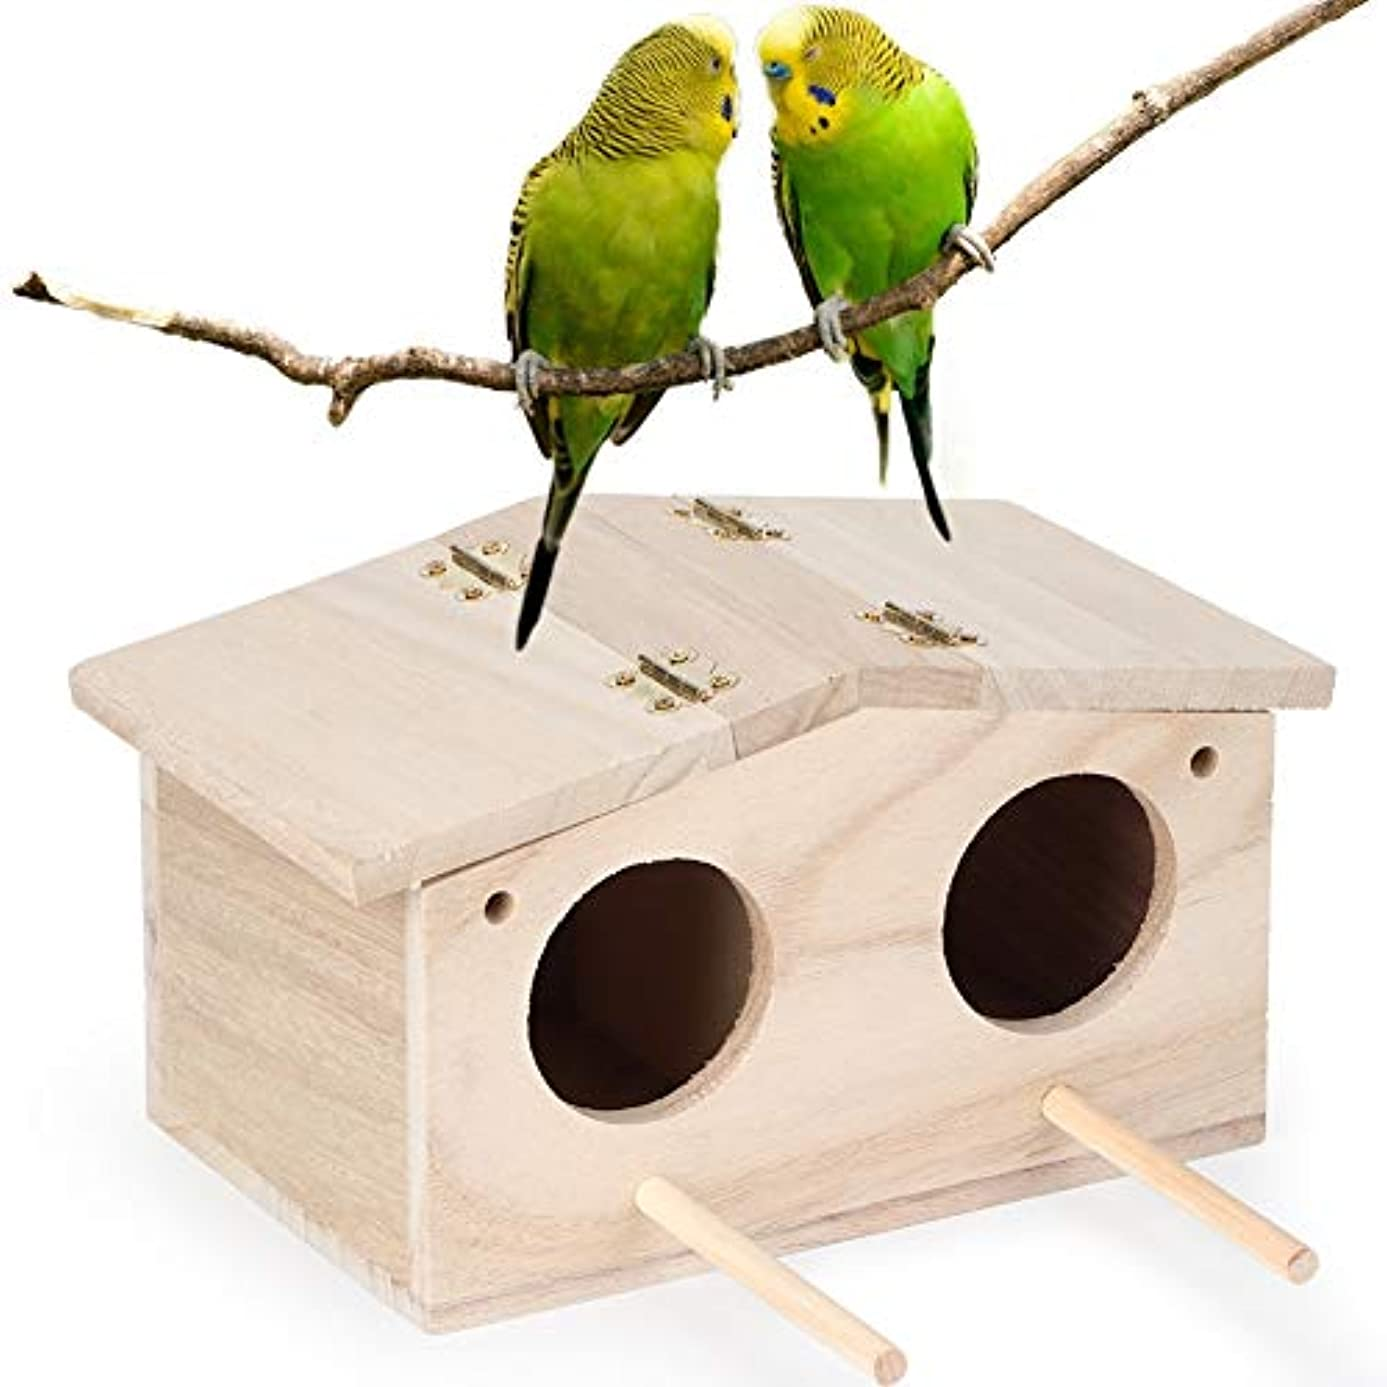 リレーする必要があるメルボルンBirdHouse、木製ペットの鳥の巣の家の繁殖ボックスオウムのツバメのケージアクセサリー